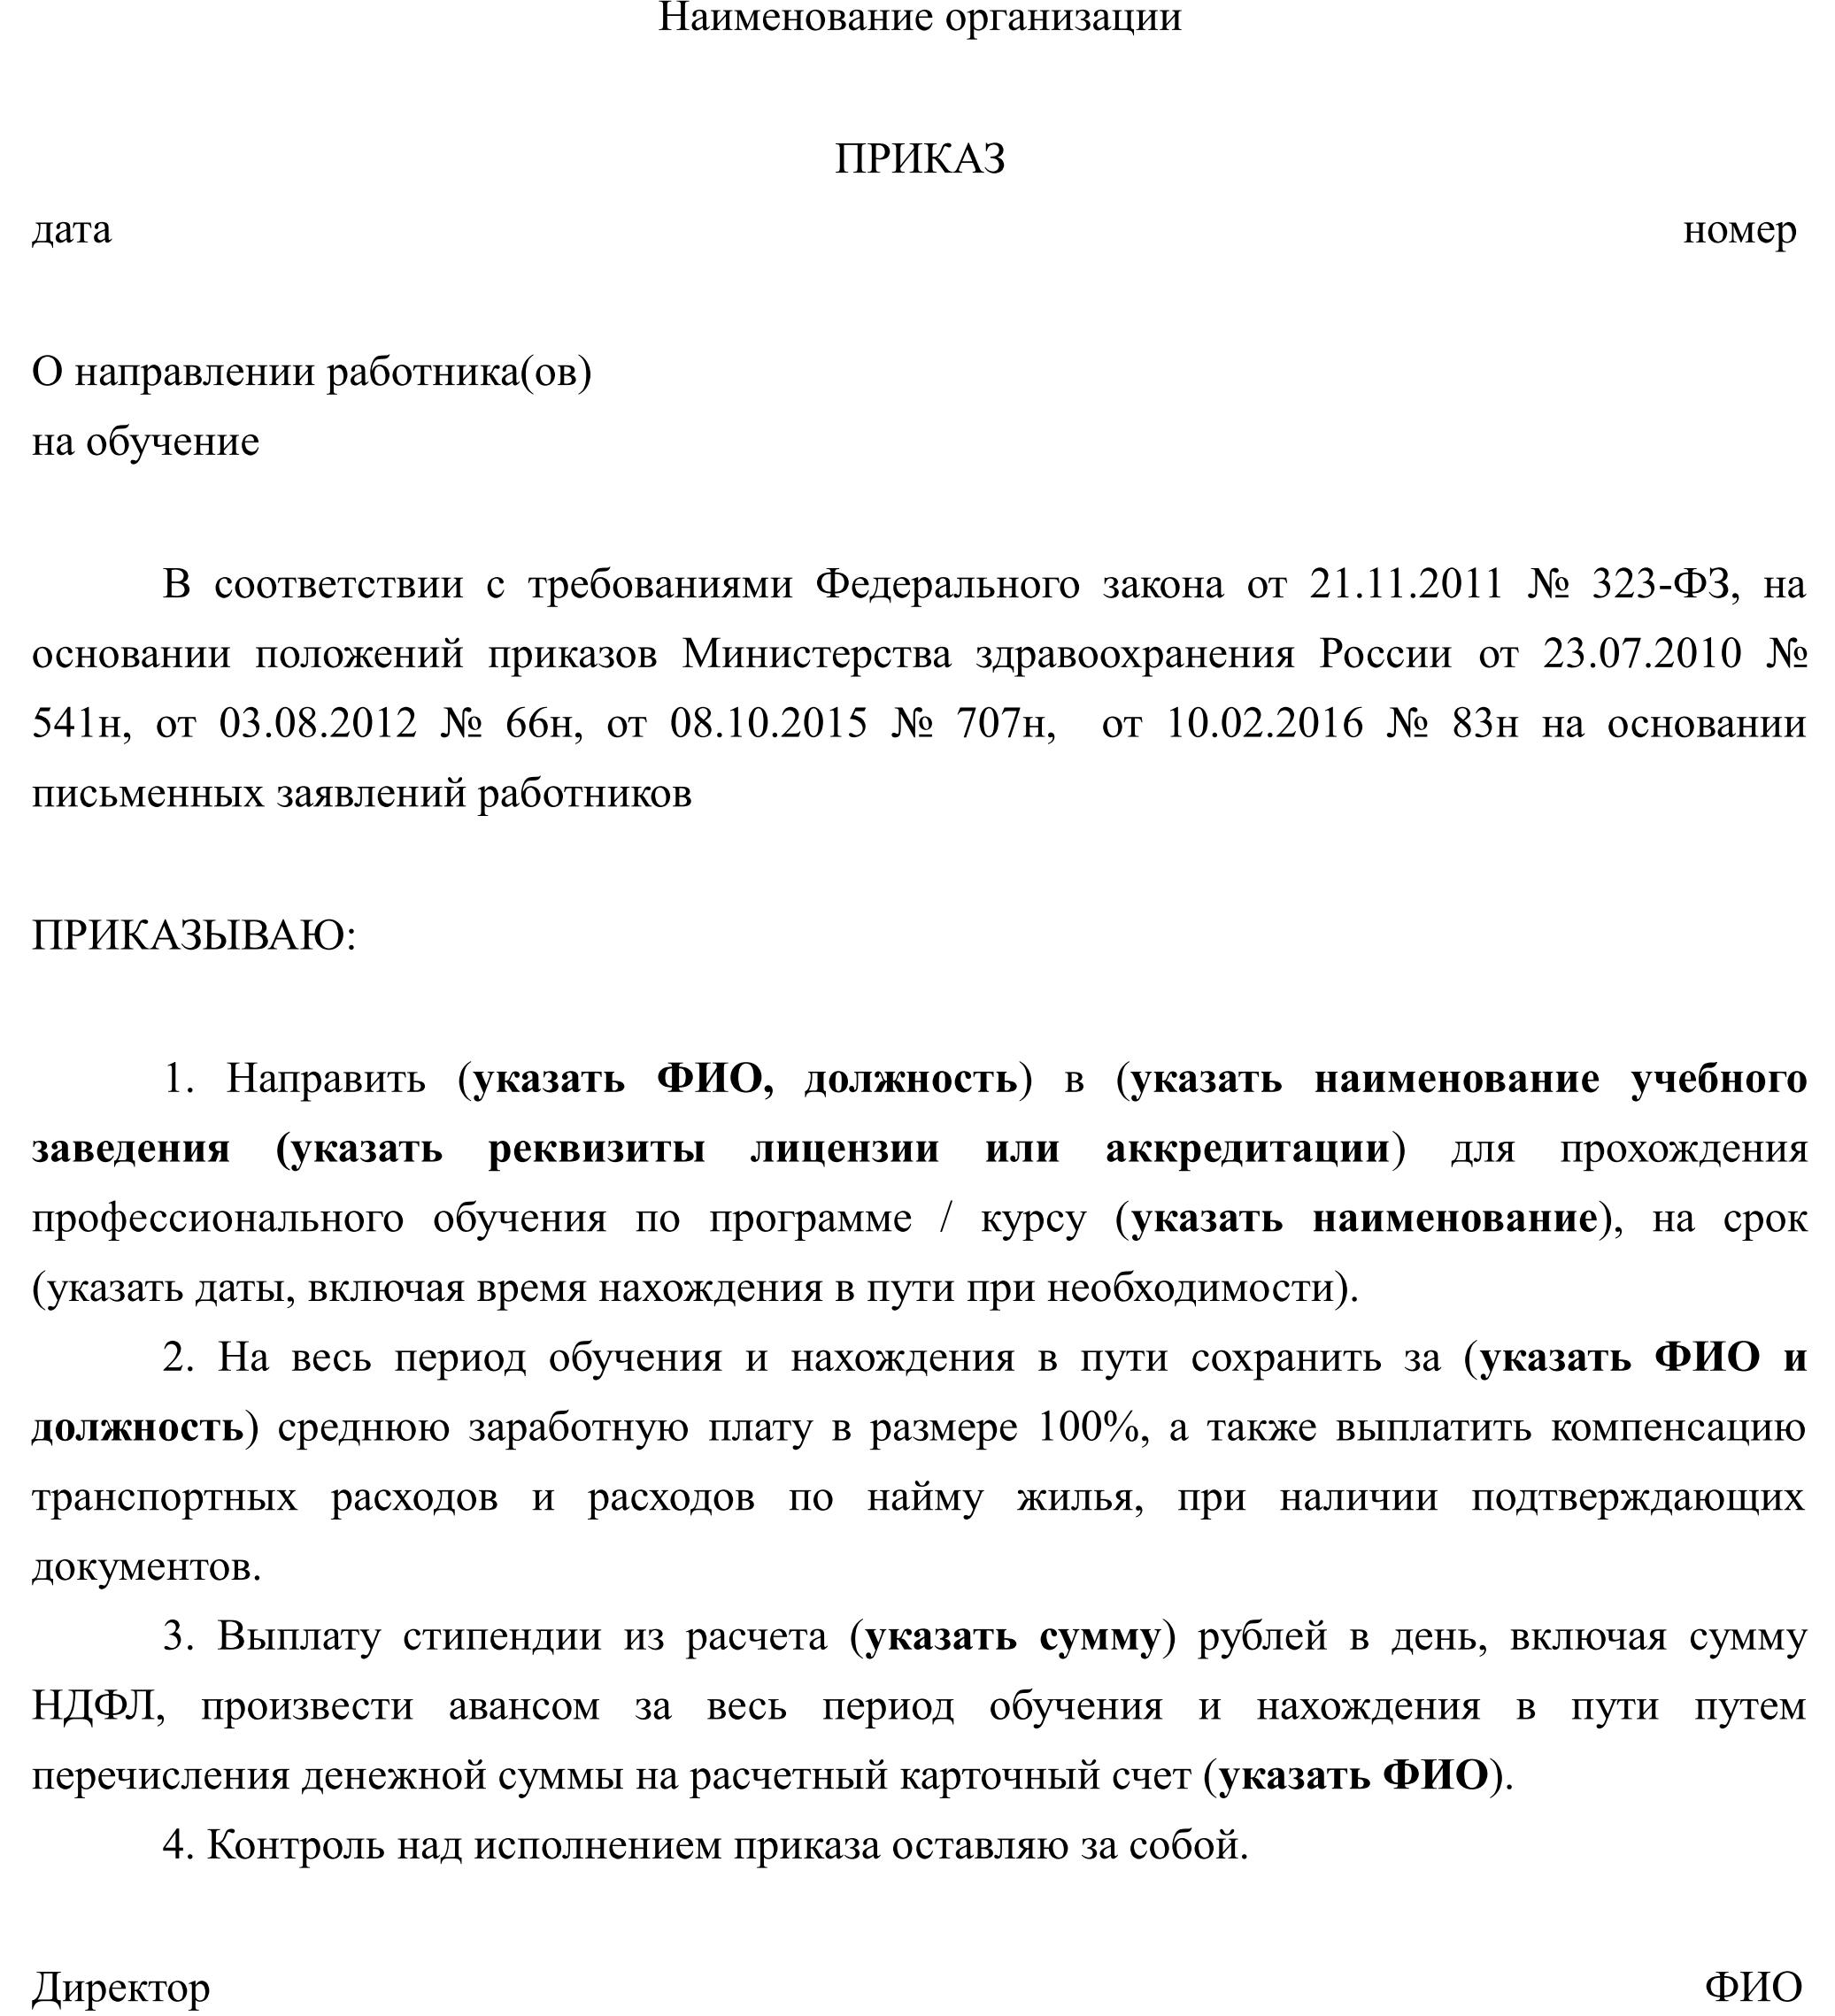 Образец приказа о штрафах за нарушение трудовой дисциплины 2018.